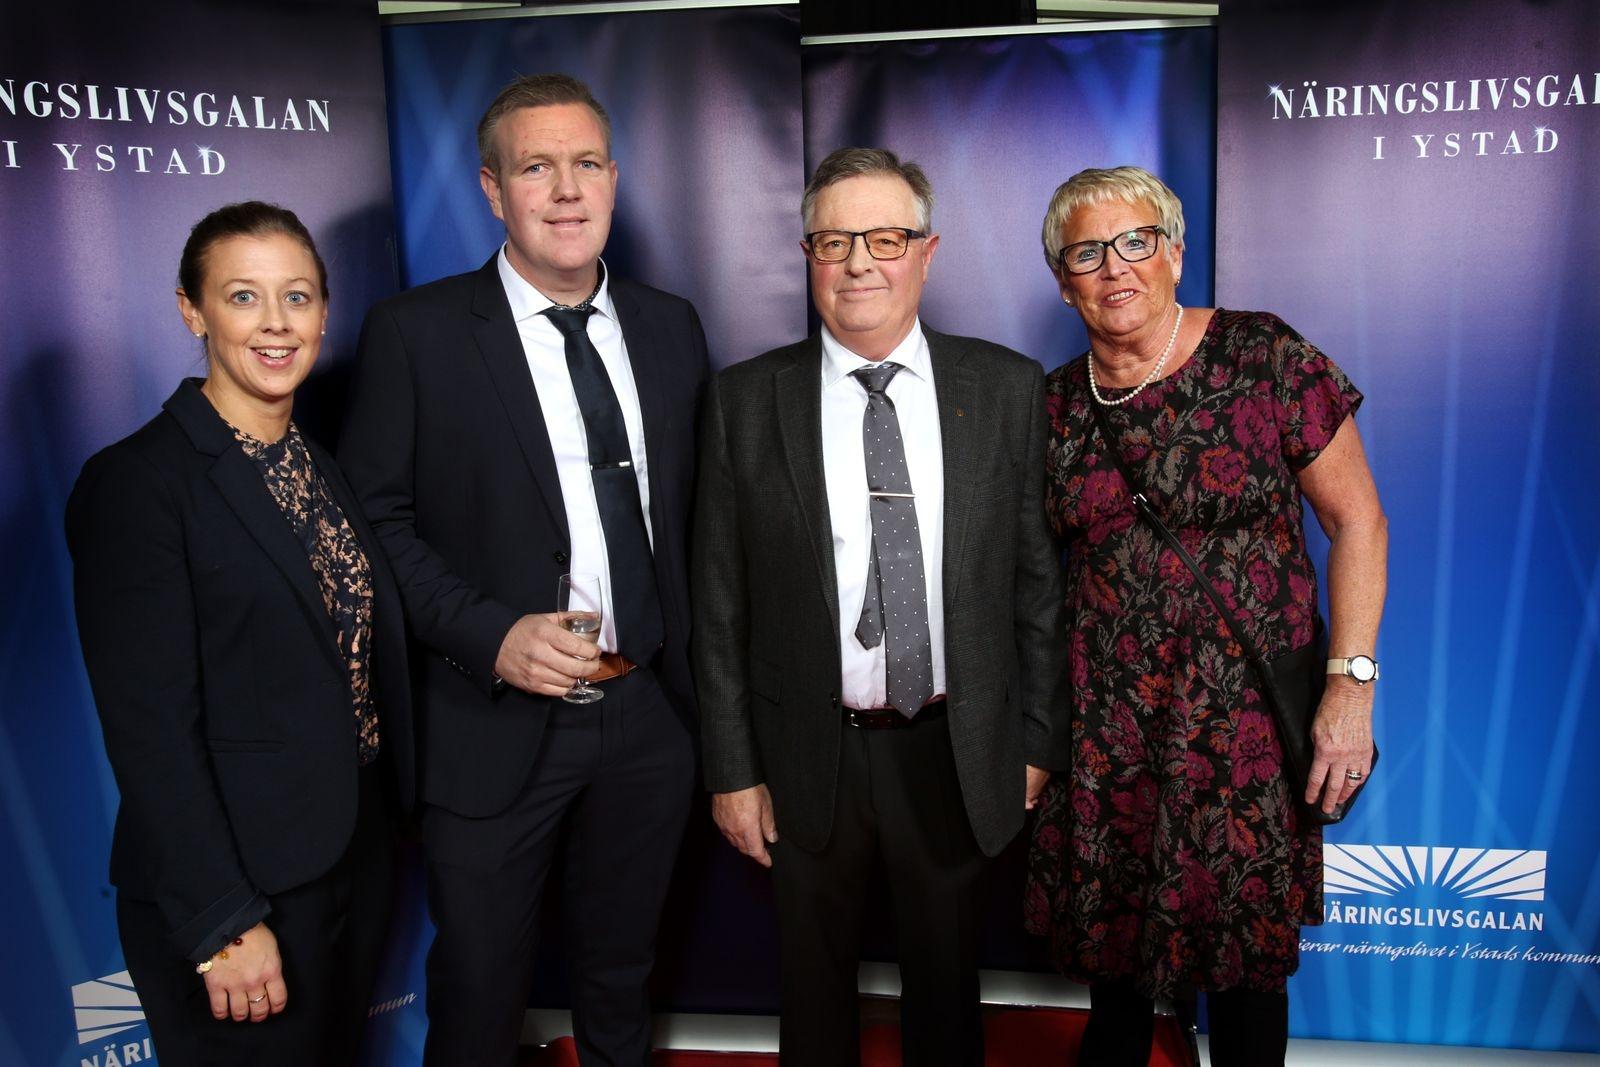 Maria Karlsson, Markus Karlsson, Håkan Karlsson och Eva Olsson, H & M Karlssons Åkeri